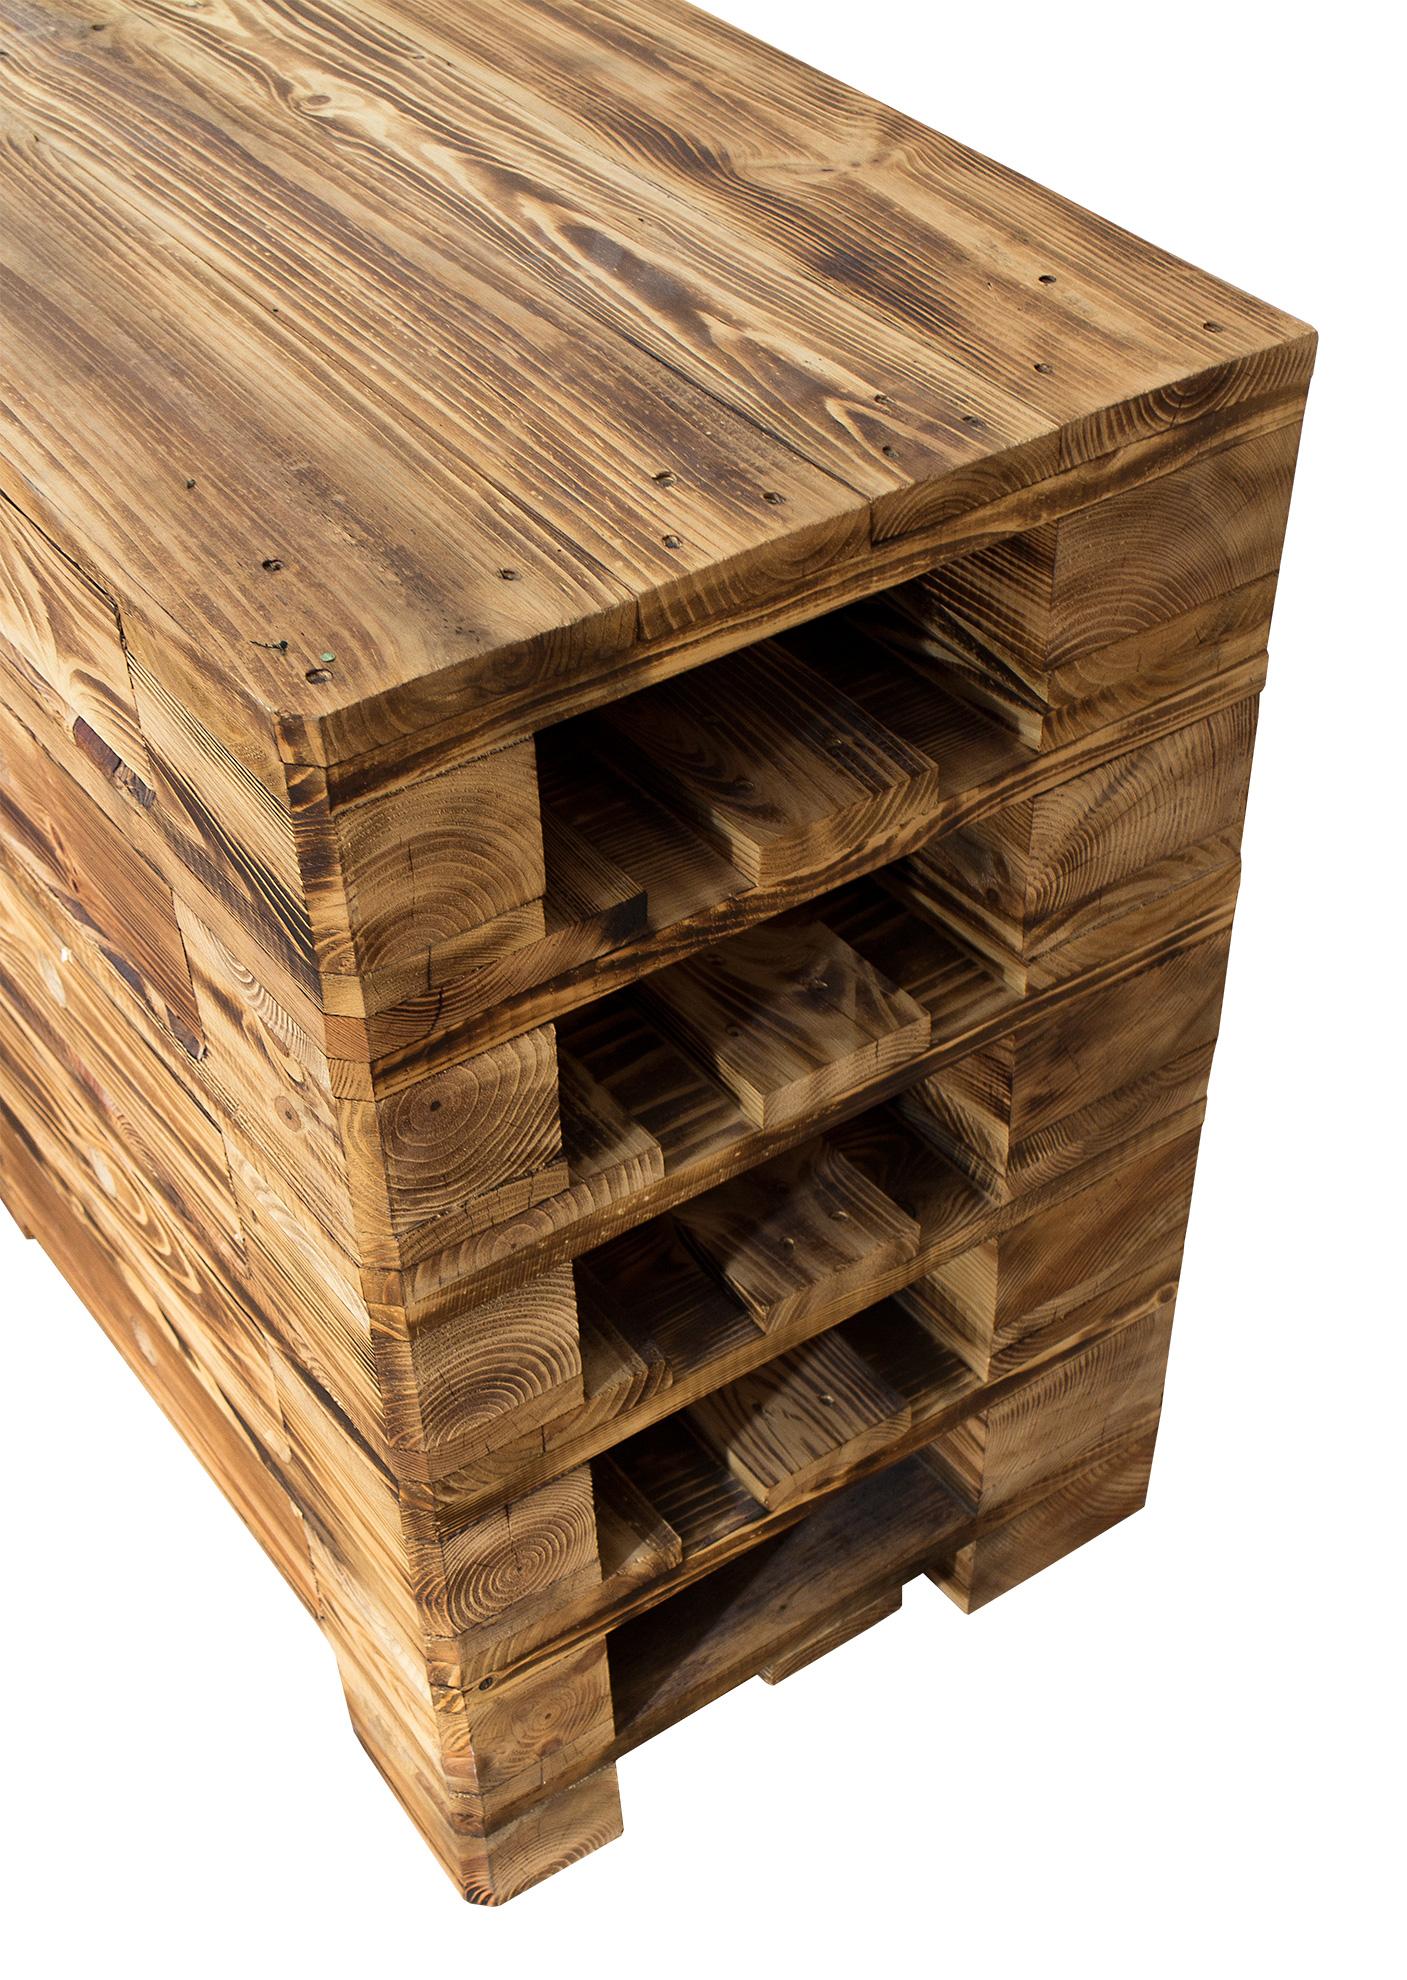 möbel aus paletten: vintage kommode aus palettenholz - im industrial